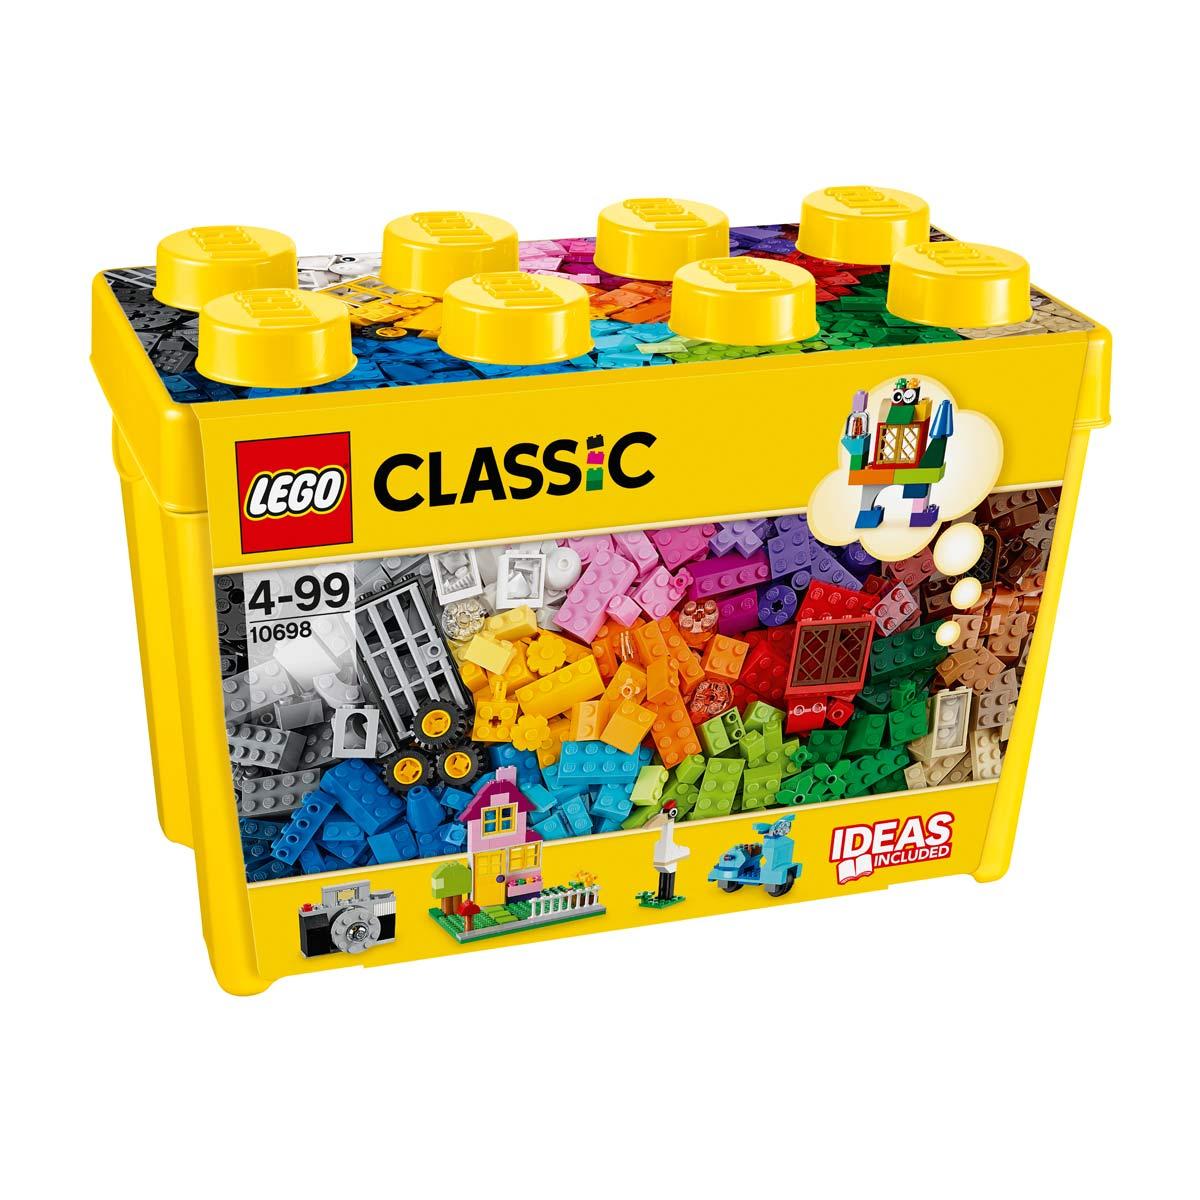 10698 Boîte De Briques Créatives Deluxe Lego Classic à Jeux De Casse Brique Deluxe Gratuit